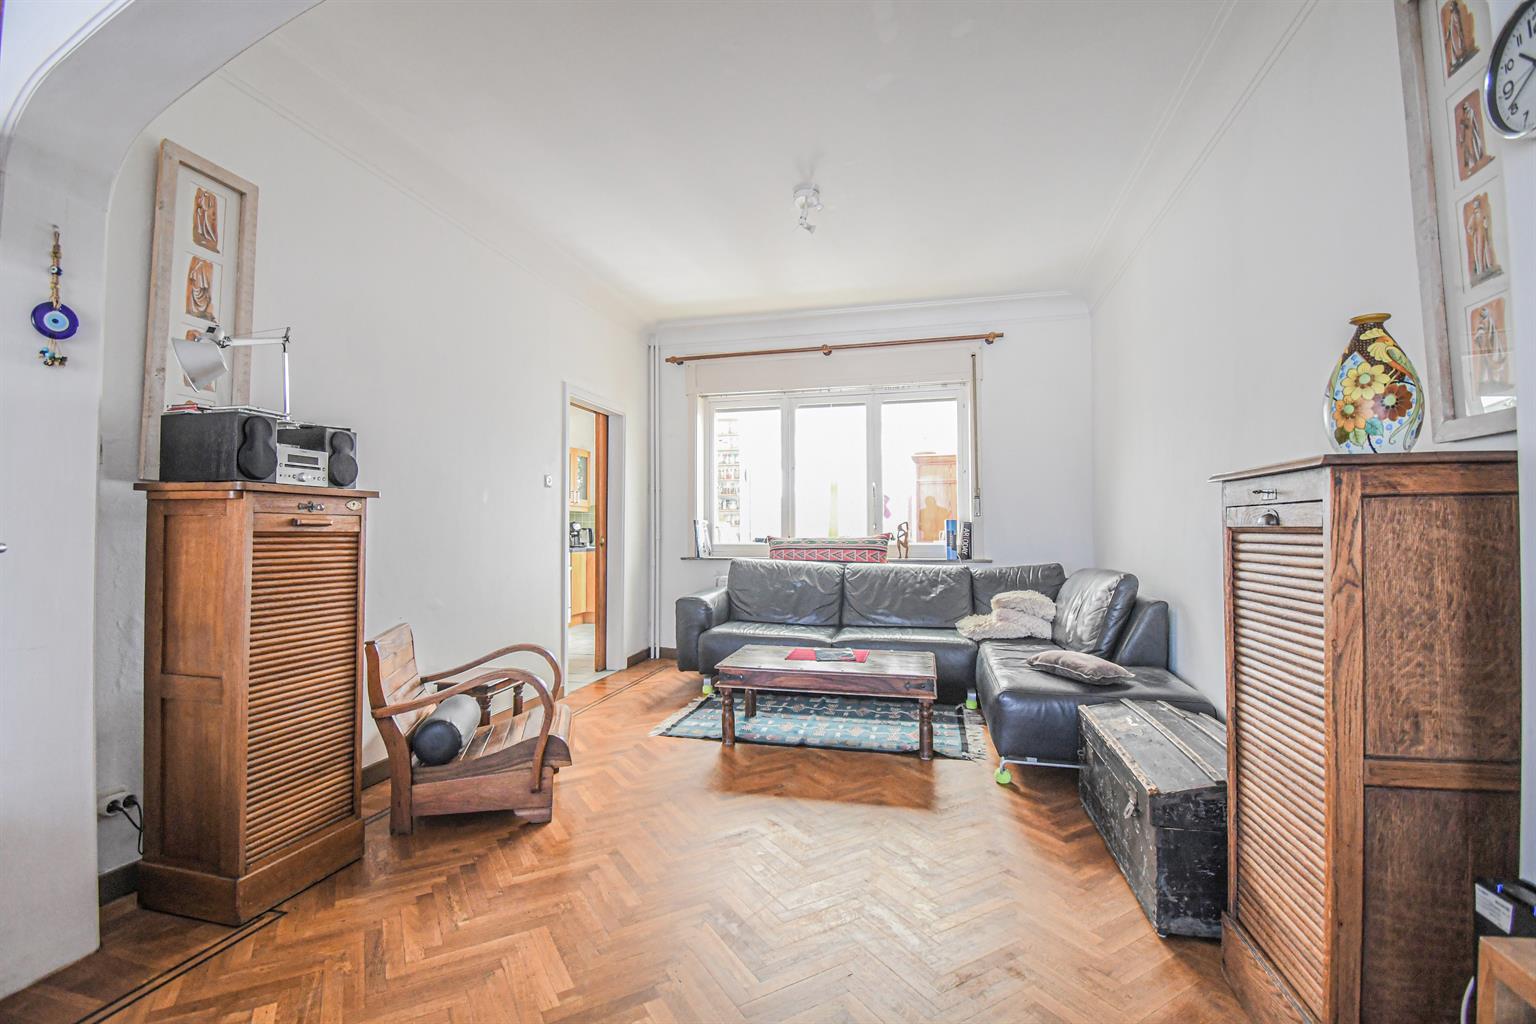 Bel-étage - Tubize - #4499957-2